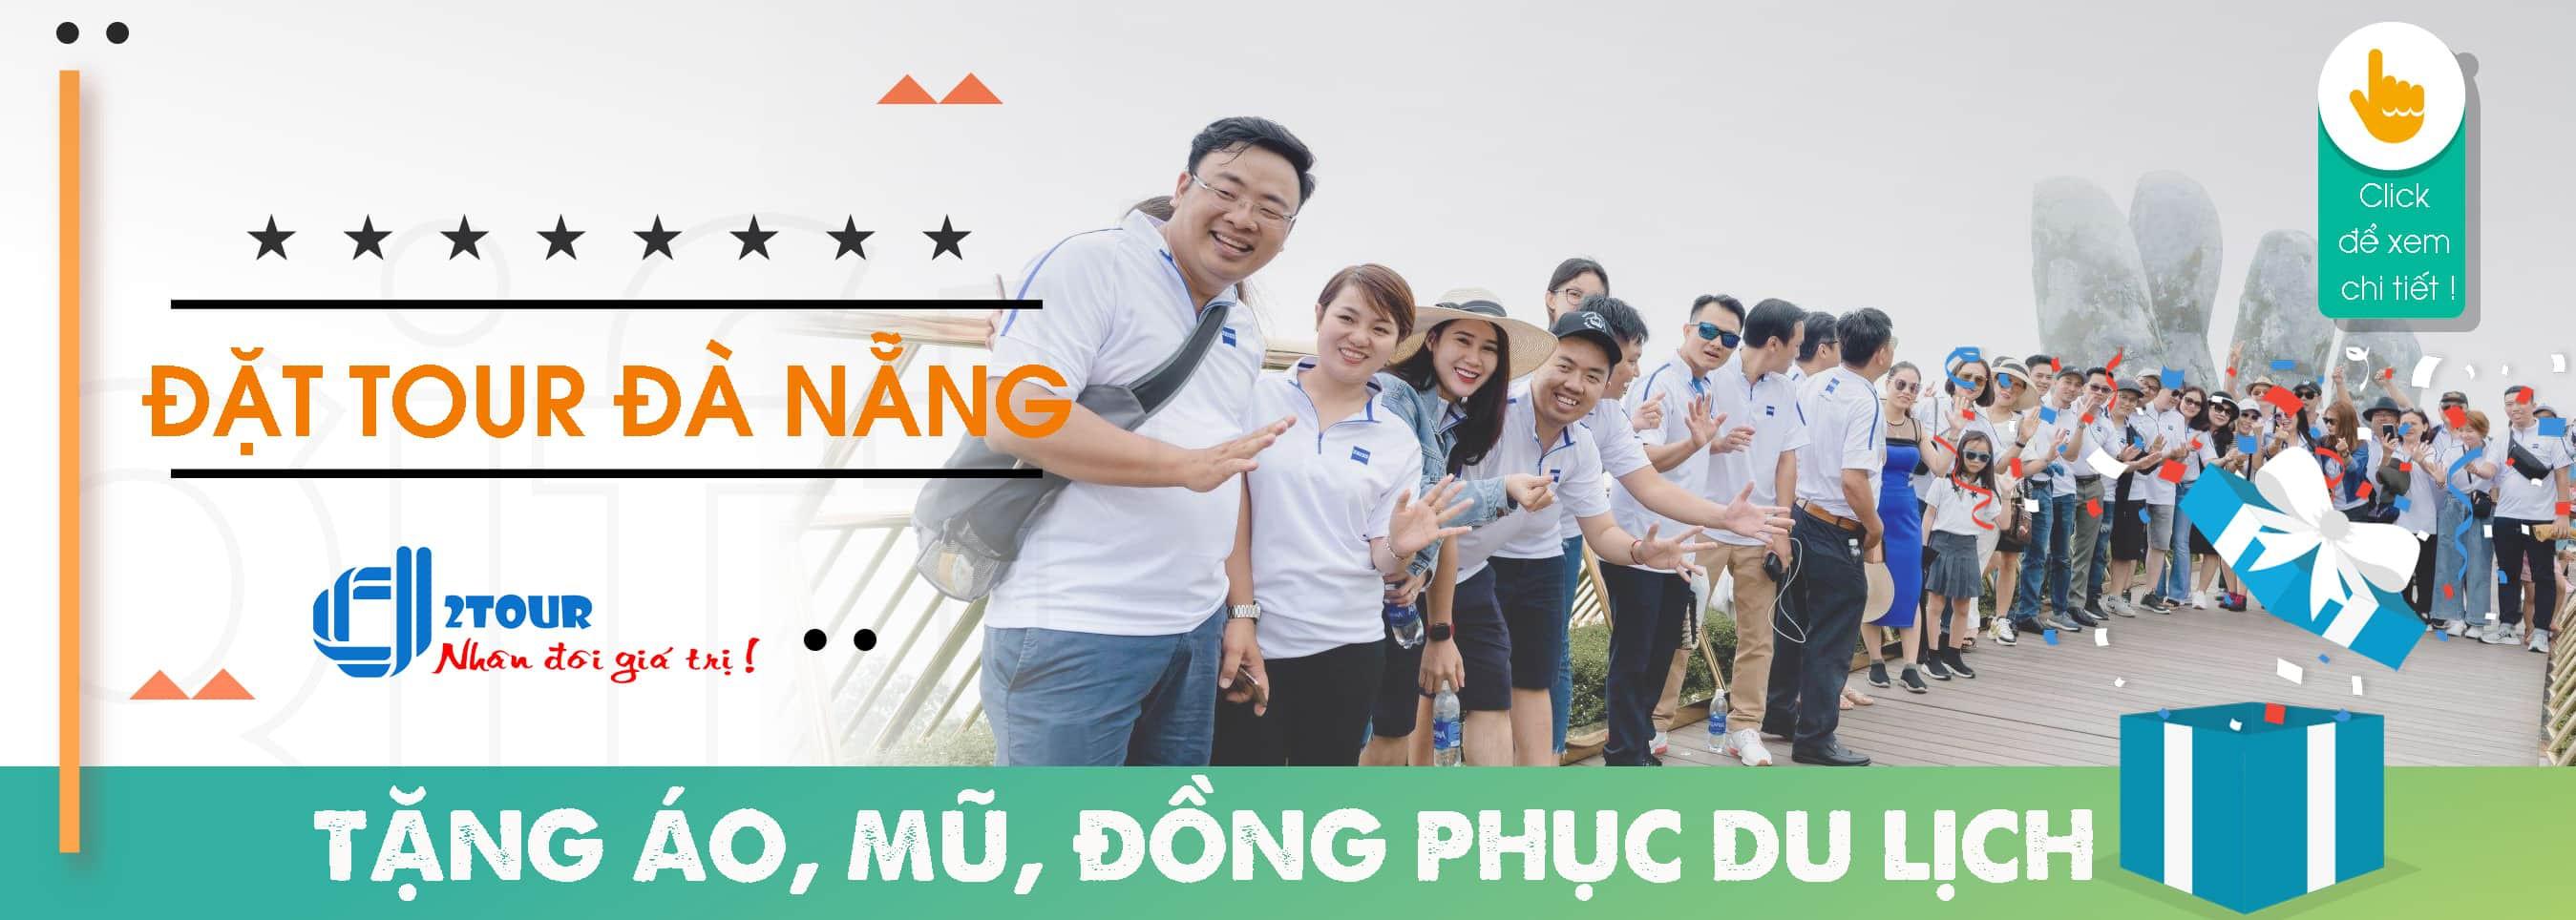 Tour Đà Nẵng cho khách lẻ